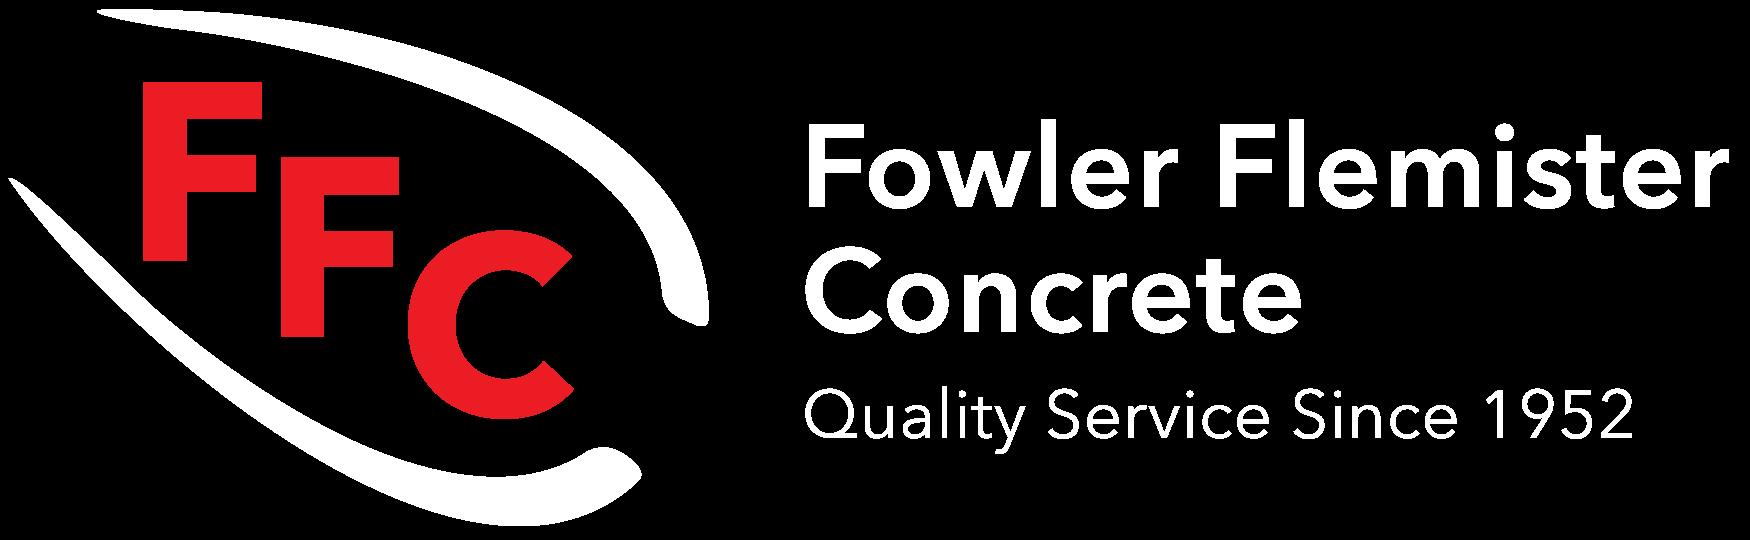 Fowler Flemister Concrete